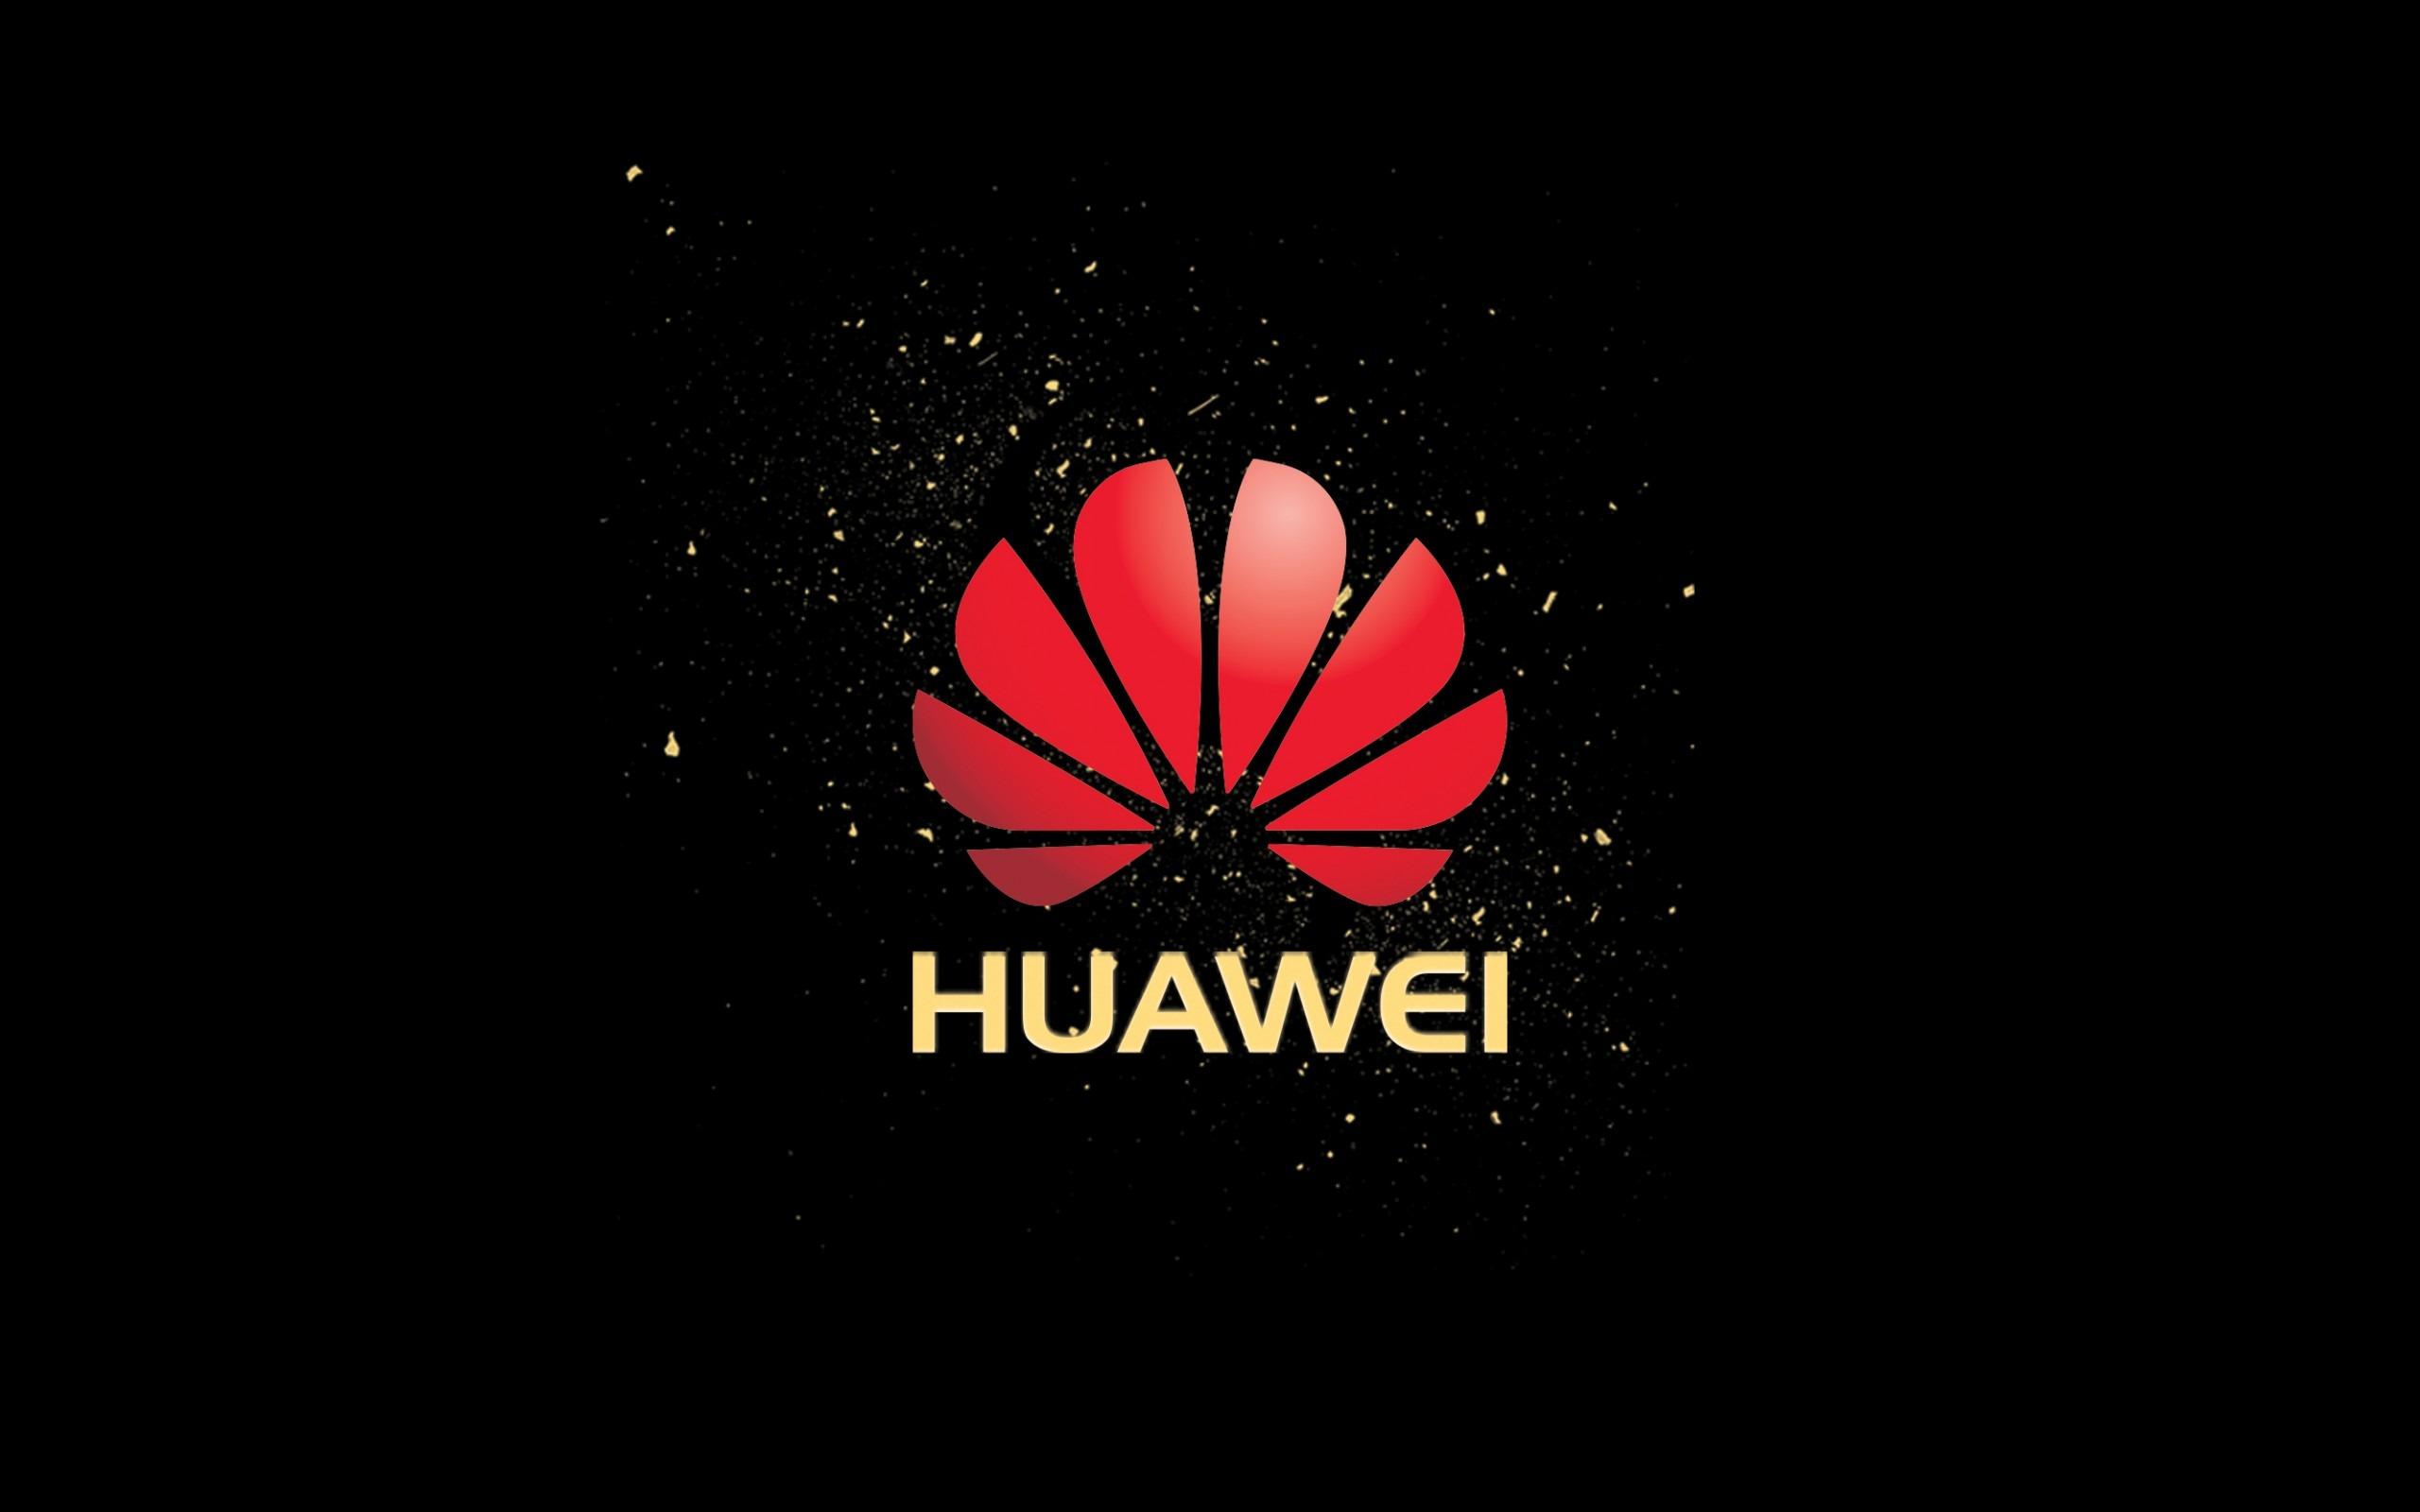 Huaweiロゴ 17高品質の壁紙プレビュー 10wallpaper Com